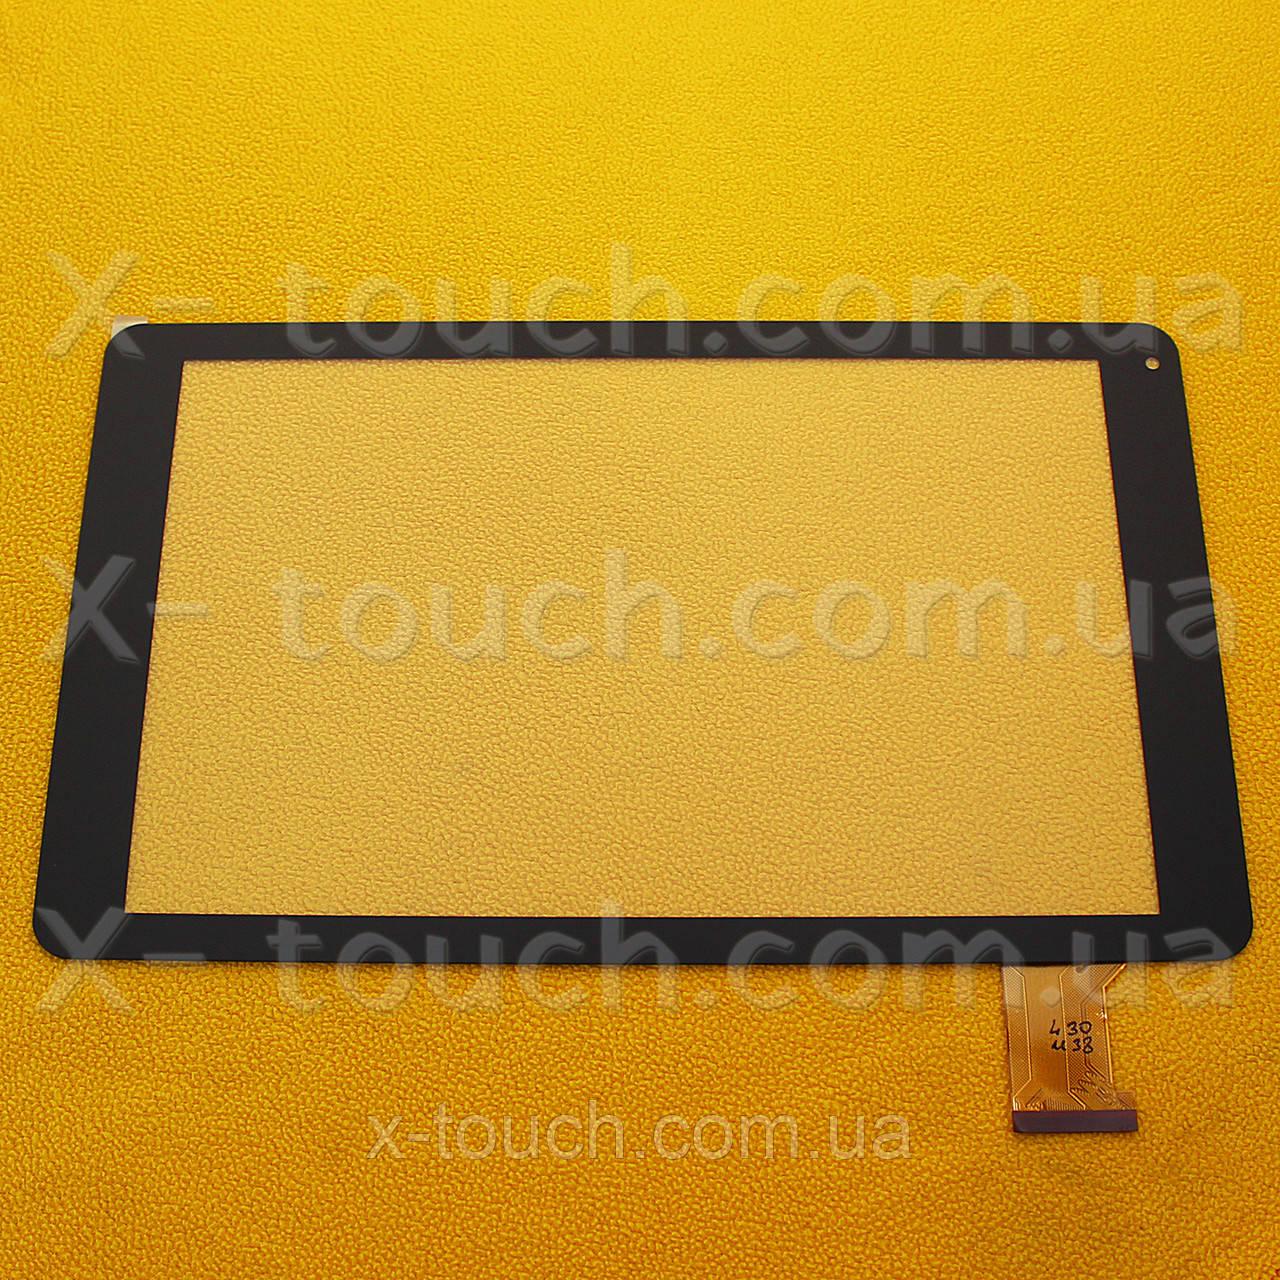 Тачскрин, сенсор  VTC5010A33-FPC-3.0  для планшета